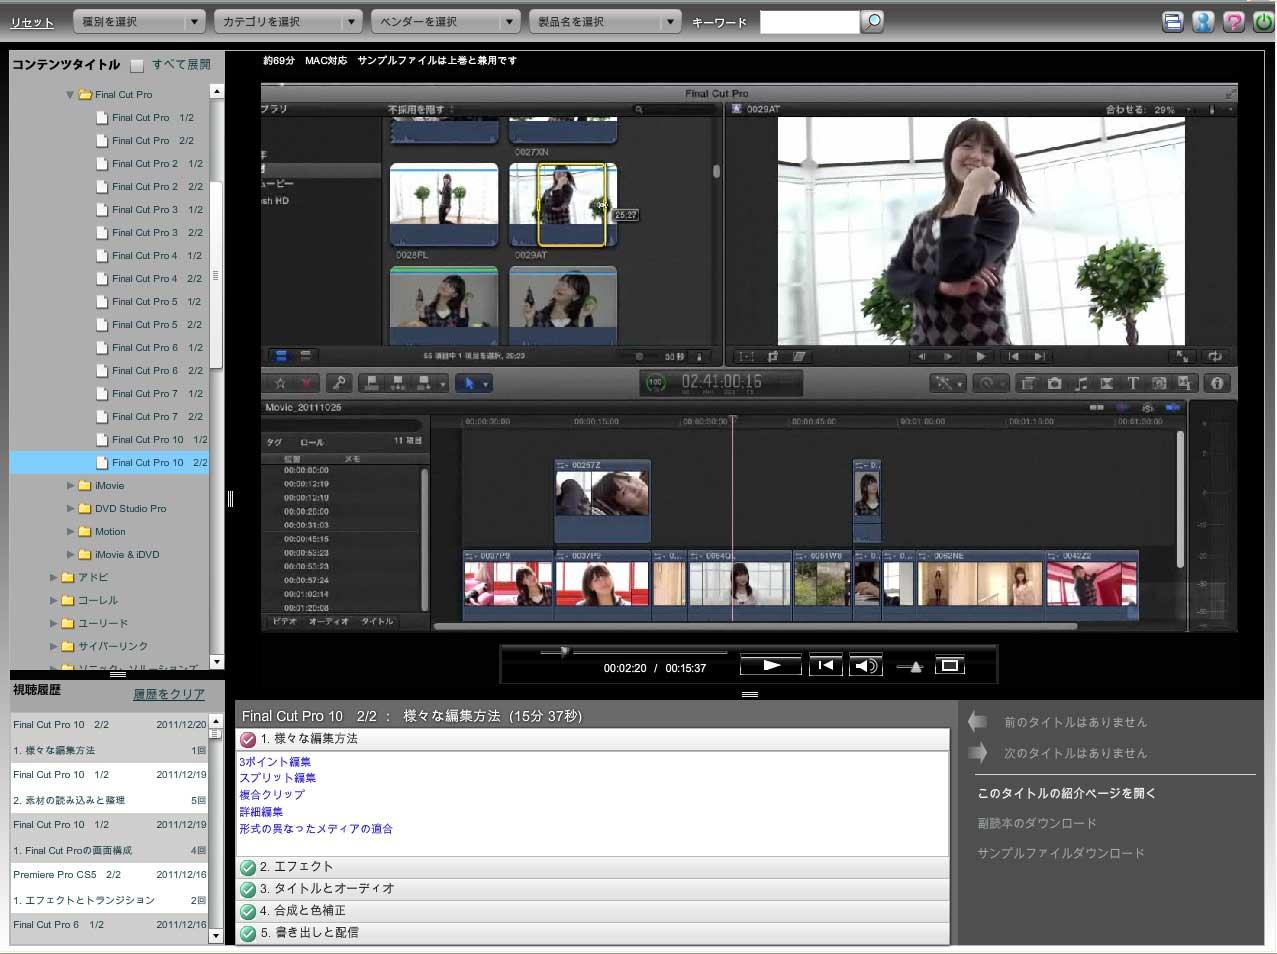 「Final Cut Pro X」の使い方eラーニング教材をオンライン教材マーケットプレイスShareWis ACTに公開